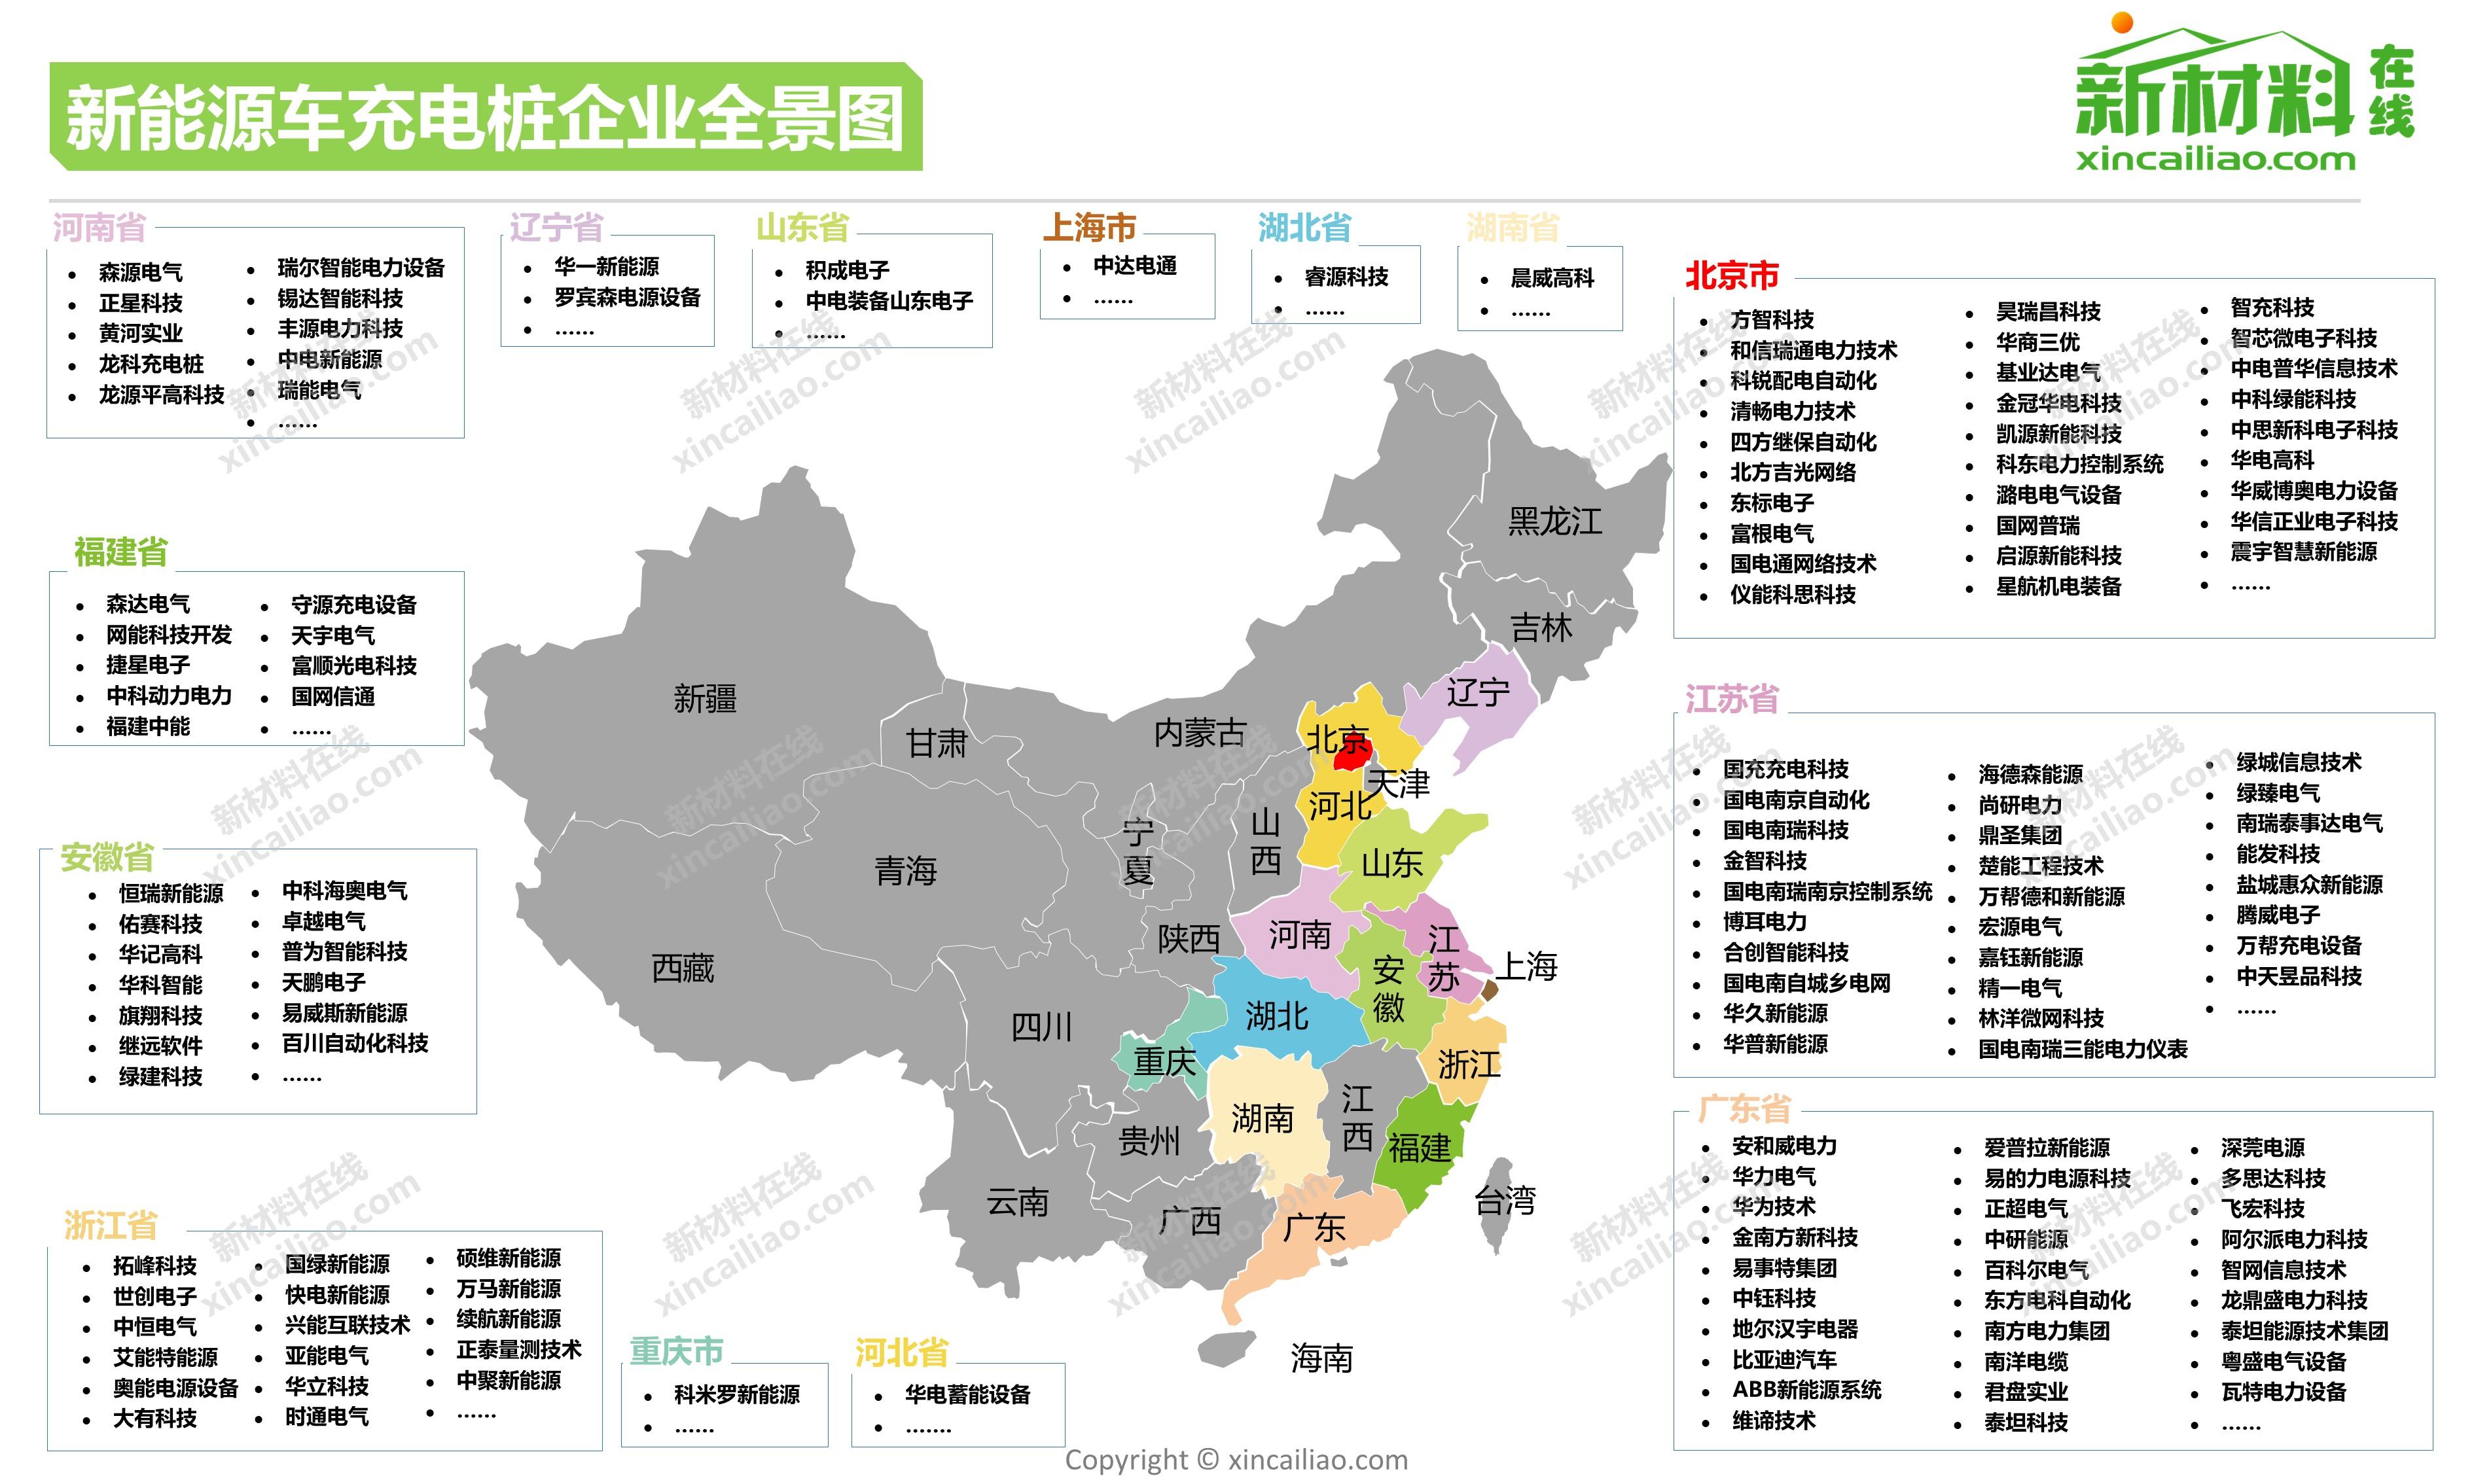 1500 企业,超全新能源汽车与动力电池产业地图     鉴于中国新能源